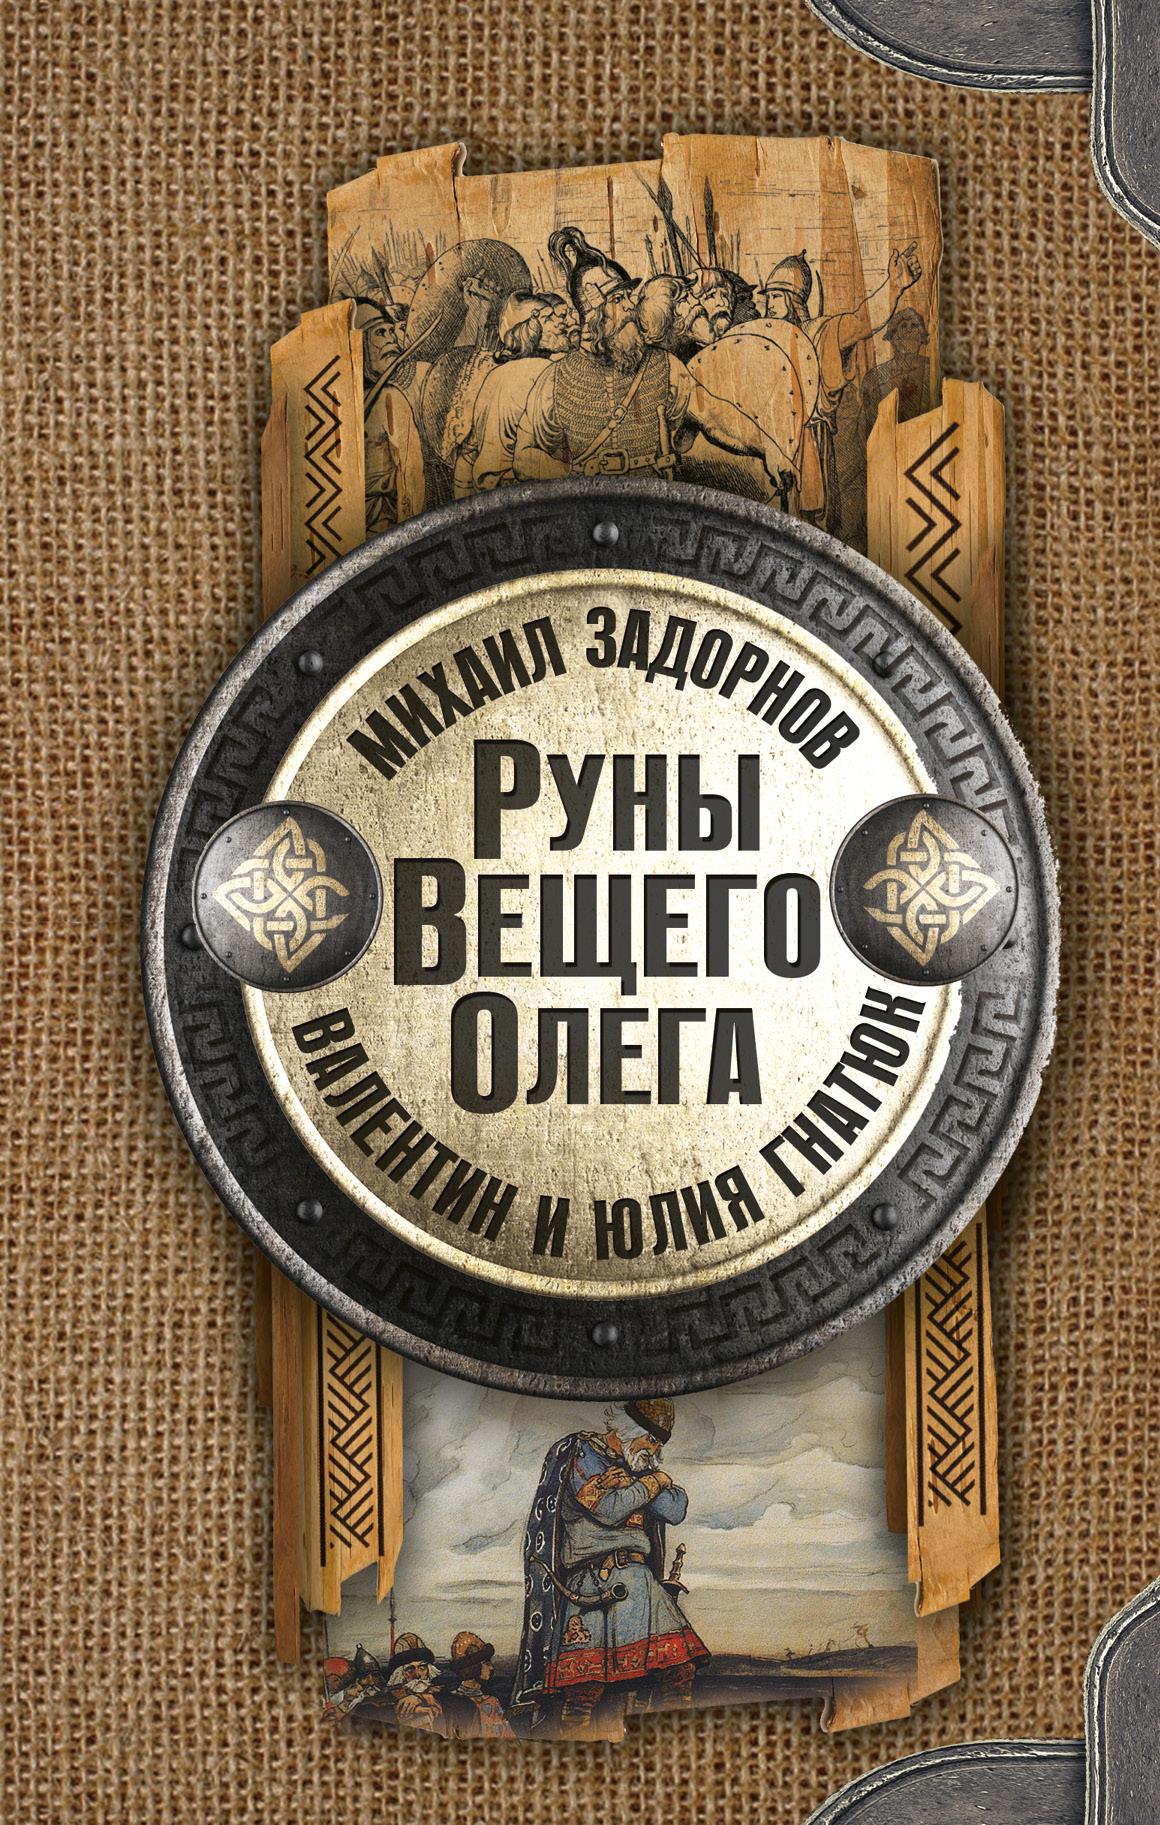 все цены на Задорнов М.Н., Гнатюк В.С., Гнатюк Ю.В. Руны Вещего Олега онлайн